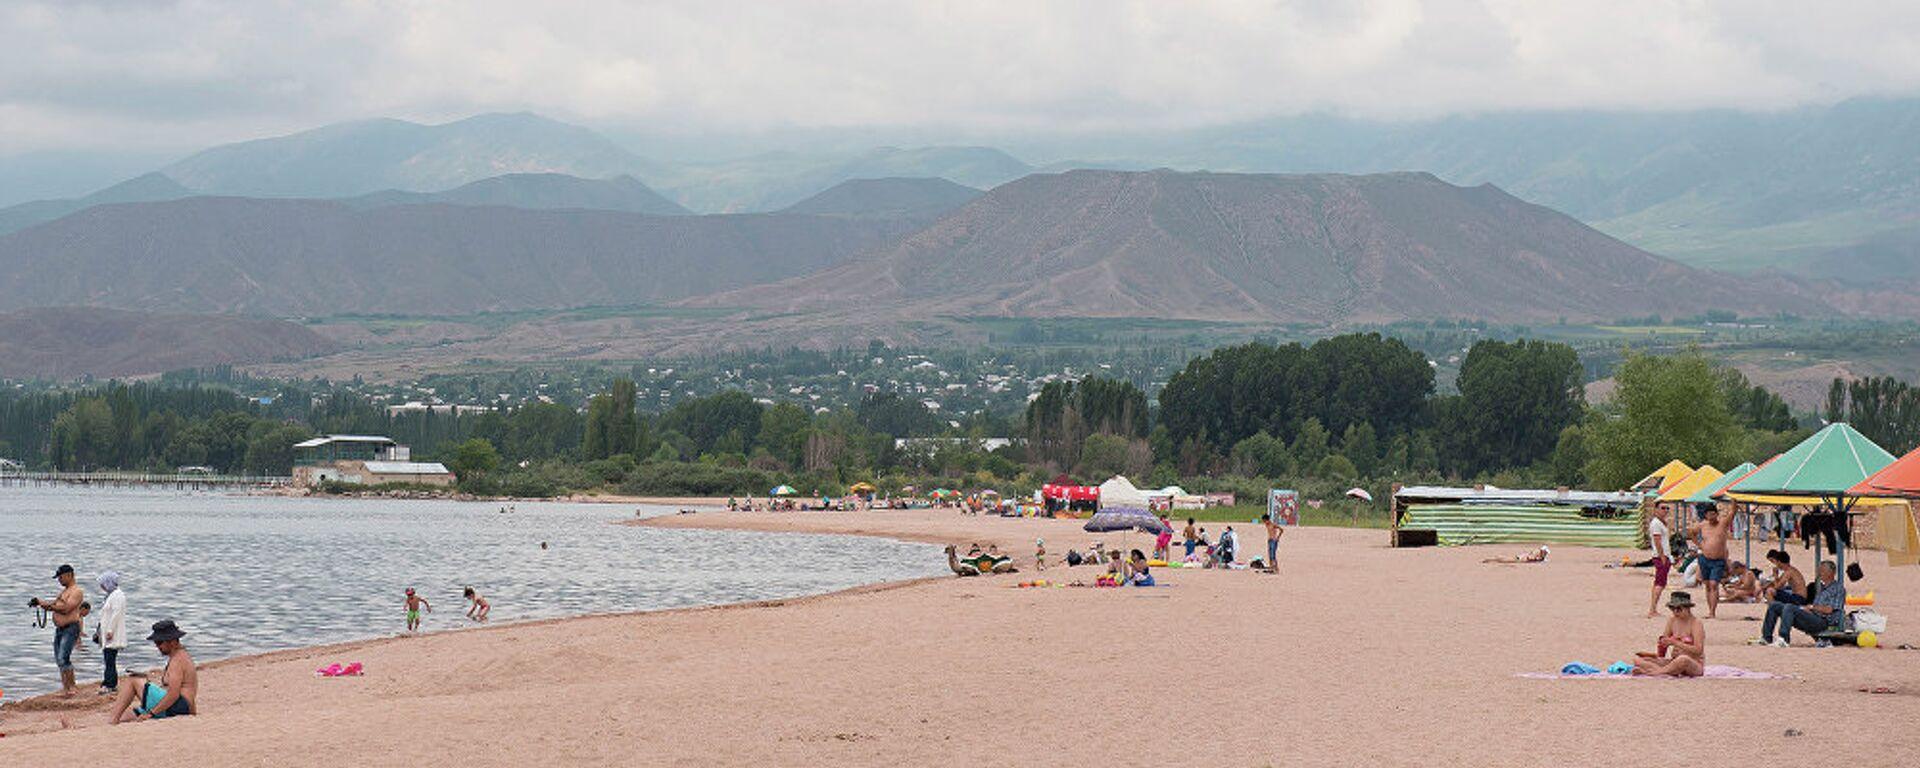 Пляж Иссык-Куля - Sputnik Ўзбекистон, 1920, 30.06.2021